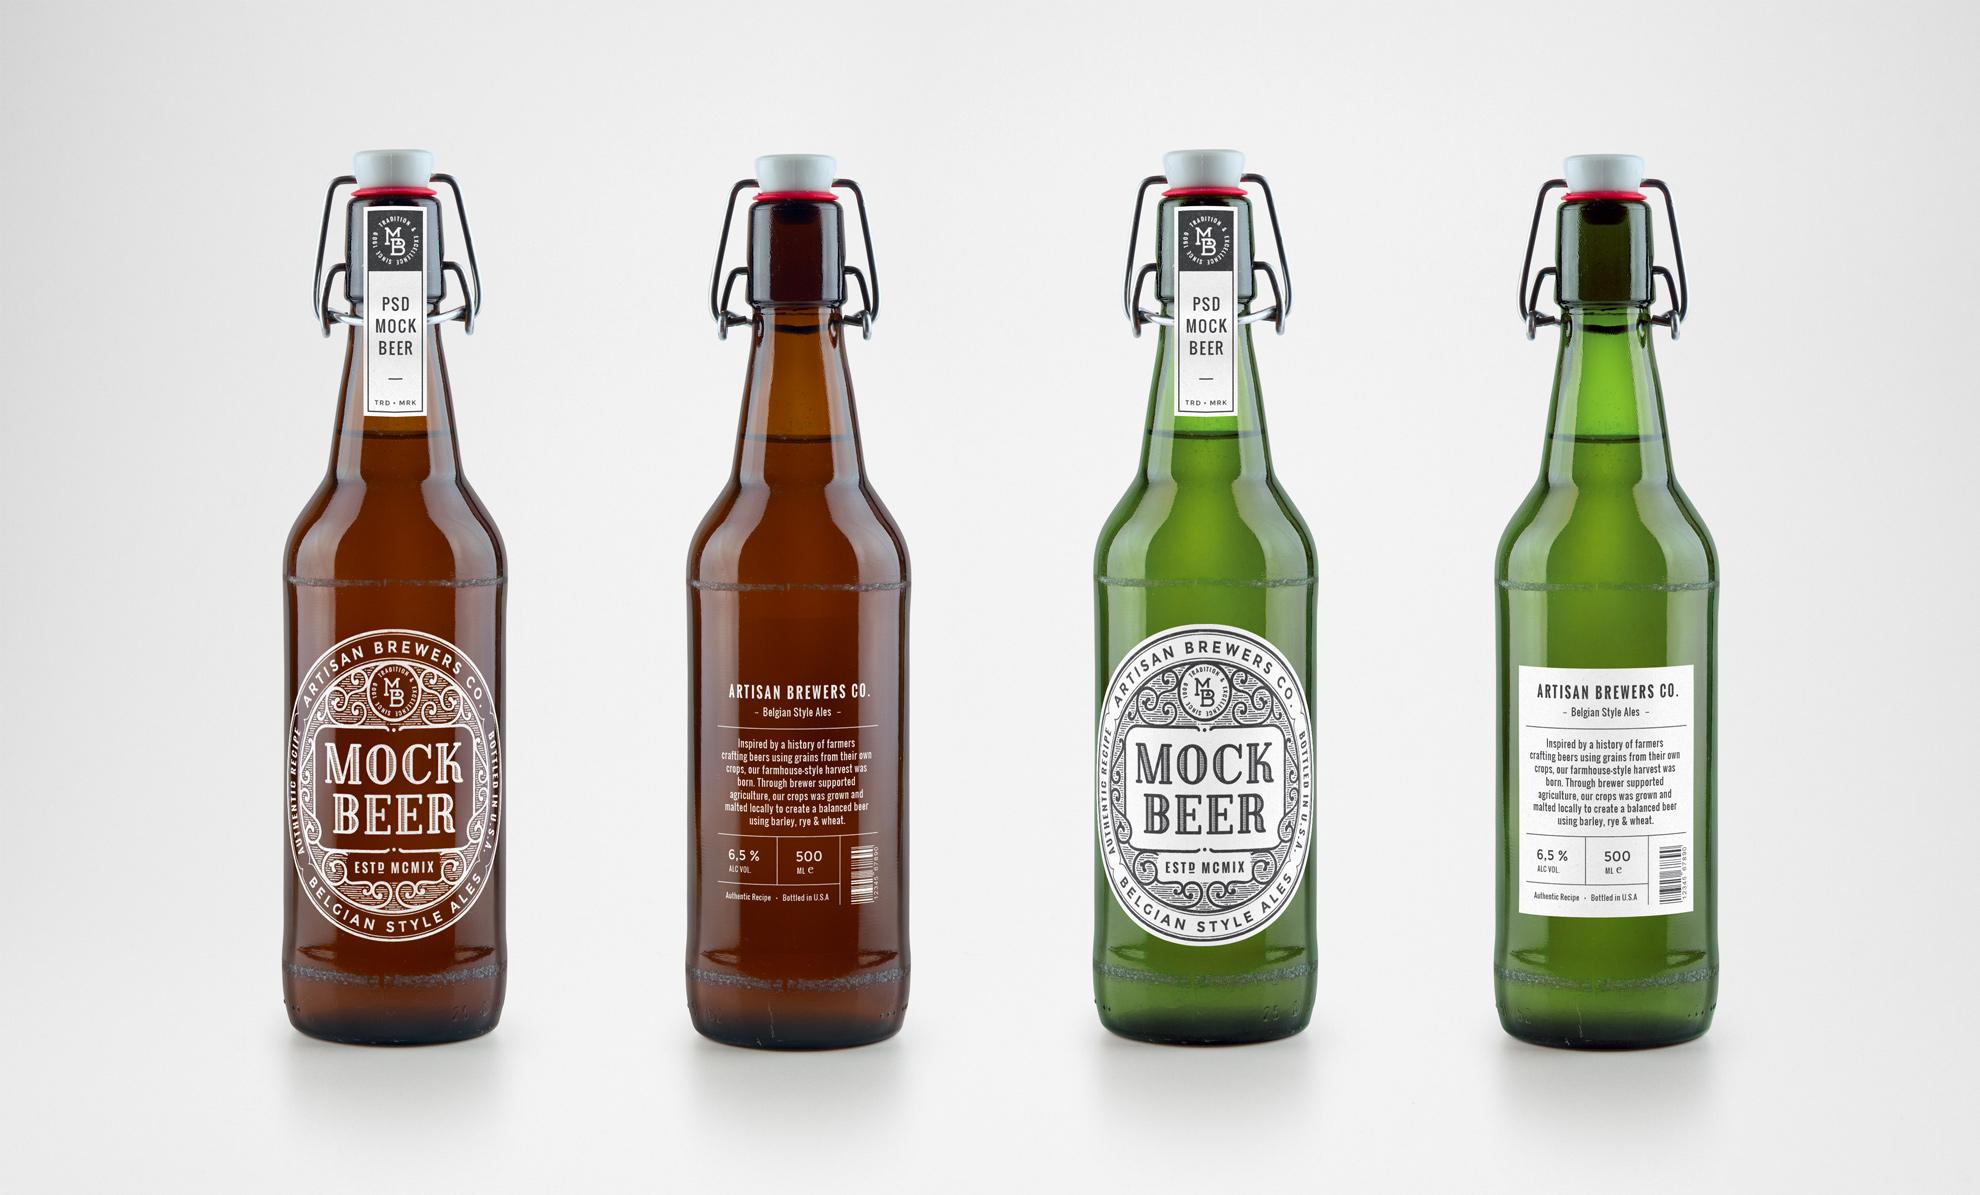 Beer bottle full